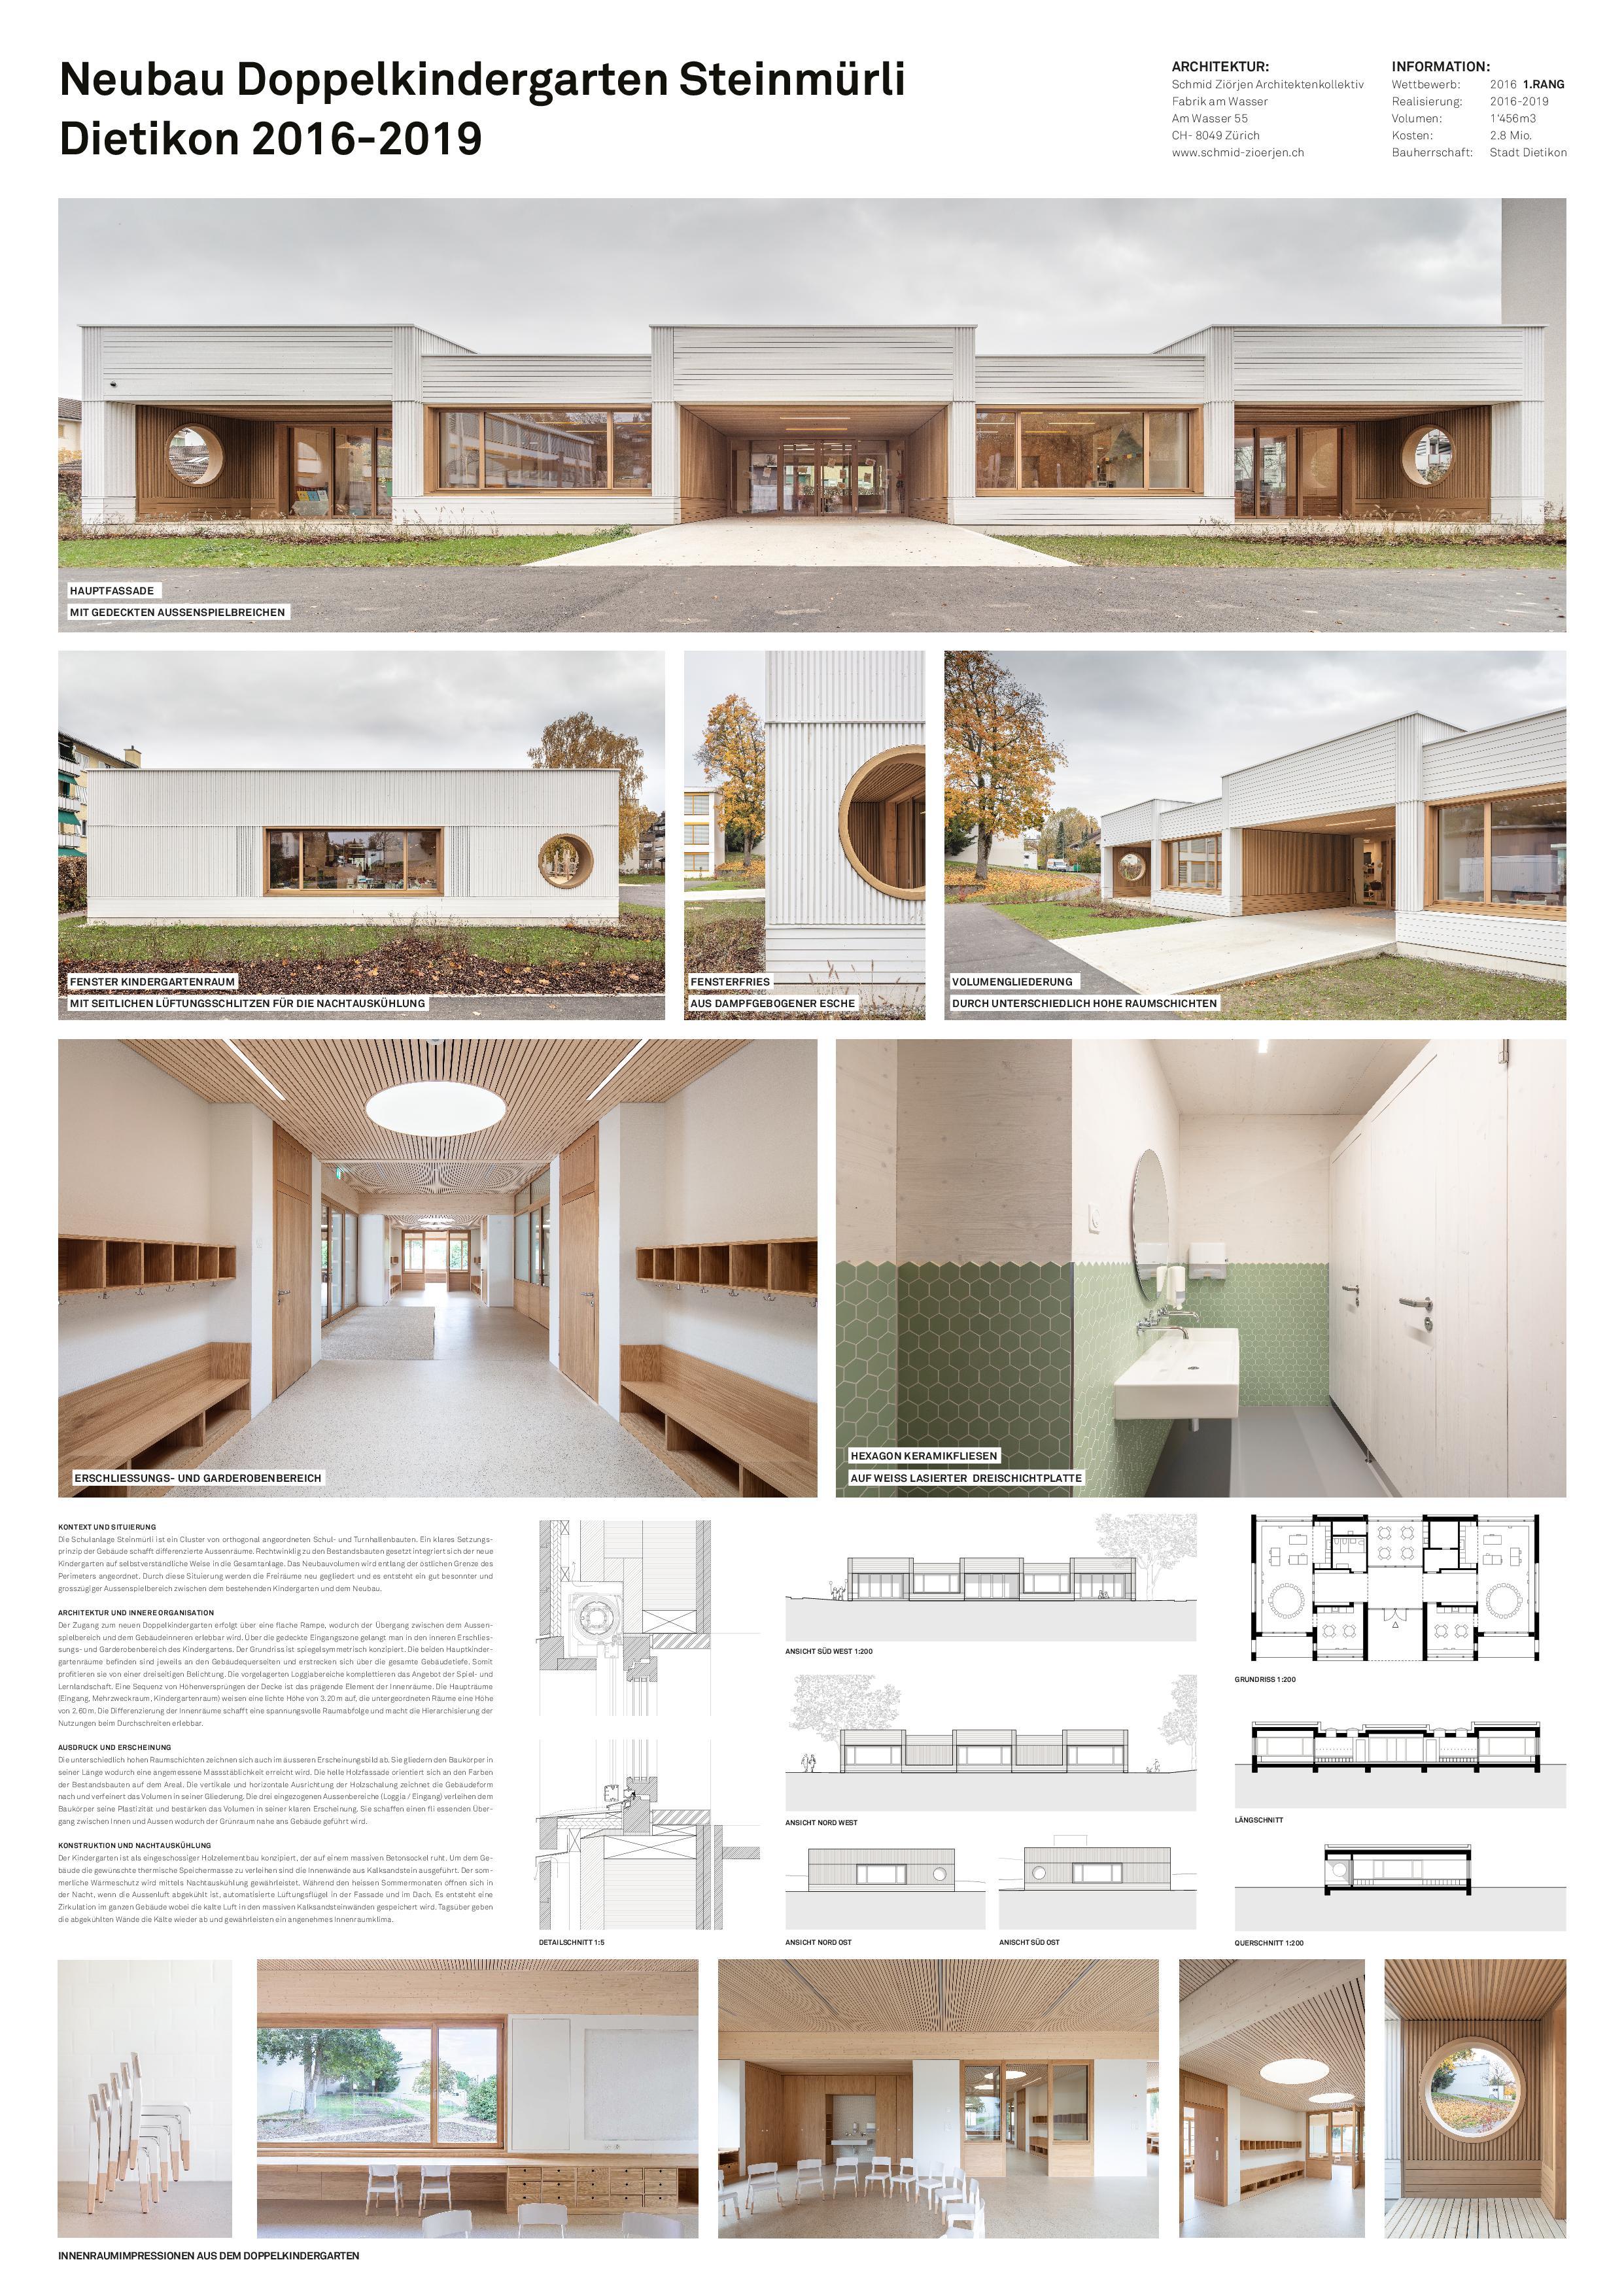 A0 Plakat Neubau Doppelkindergarten Steinmürli Dietikon de Schmid Ziörjen Architektenkollektiv